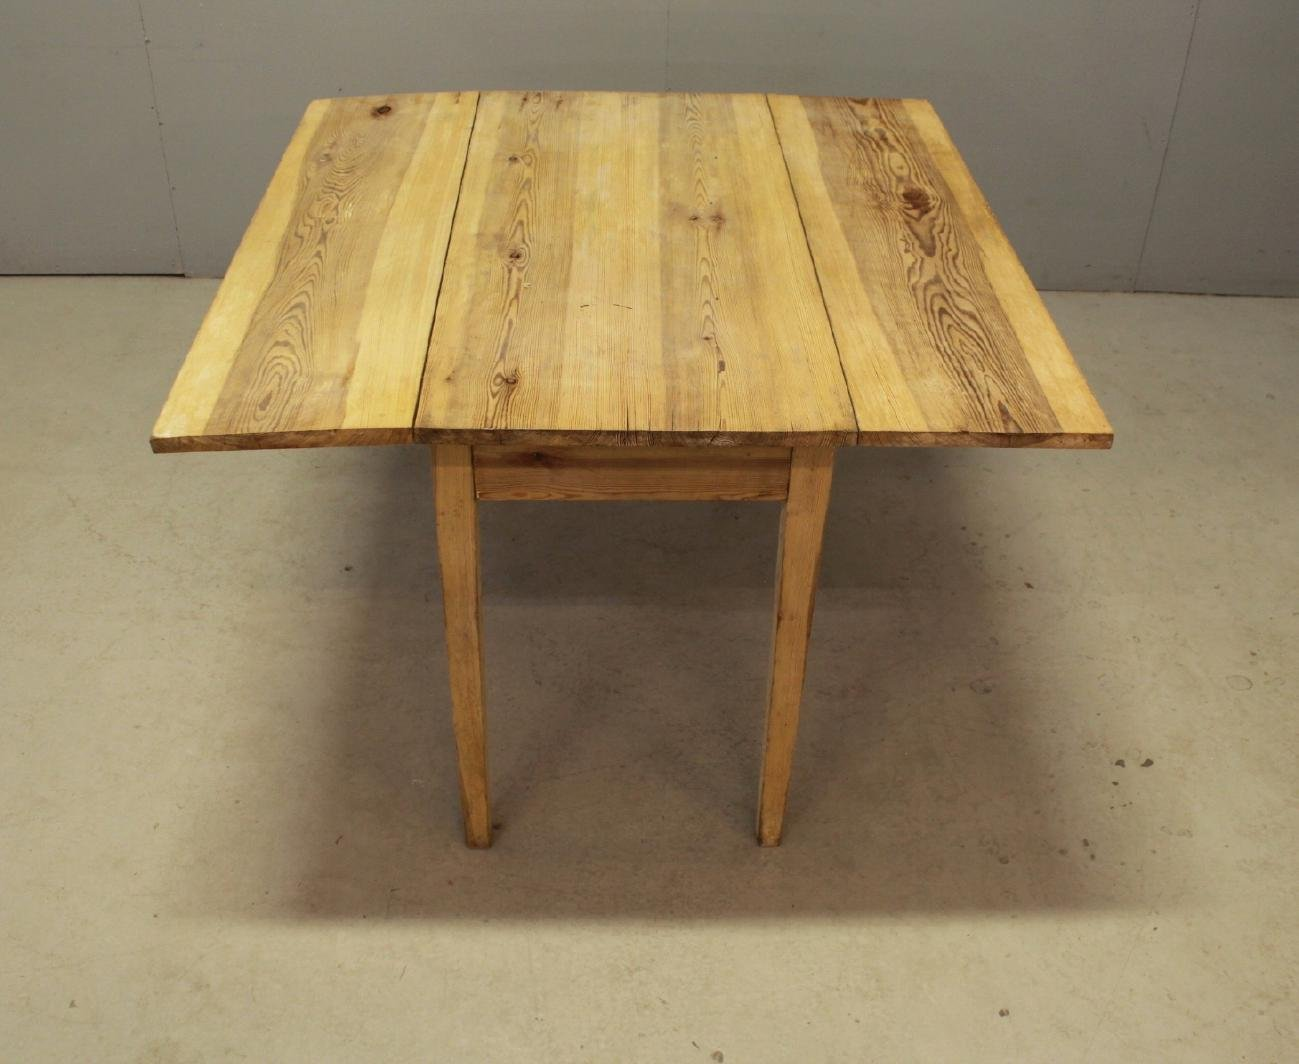 Drop Leaf Tables For Sale Part - 36: Swedish Vintage Drop-Leaf Table In Pine